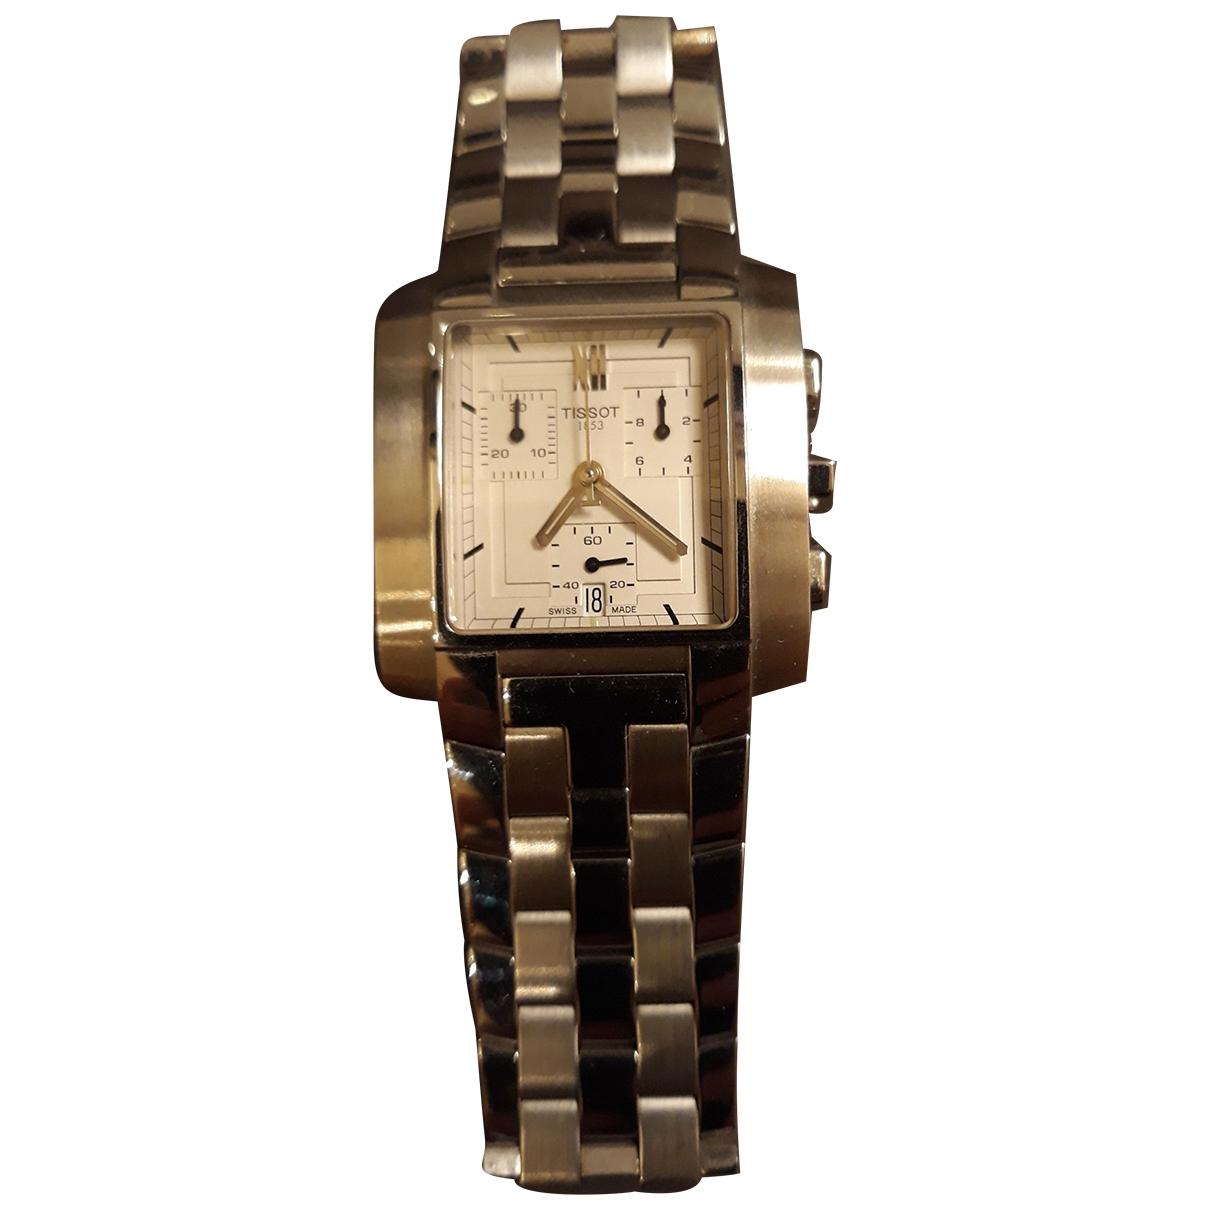 Tissot \N Steel watch for Men \N